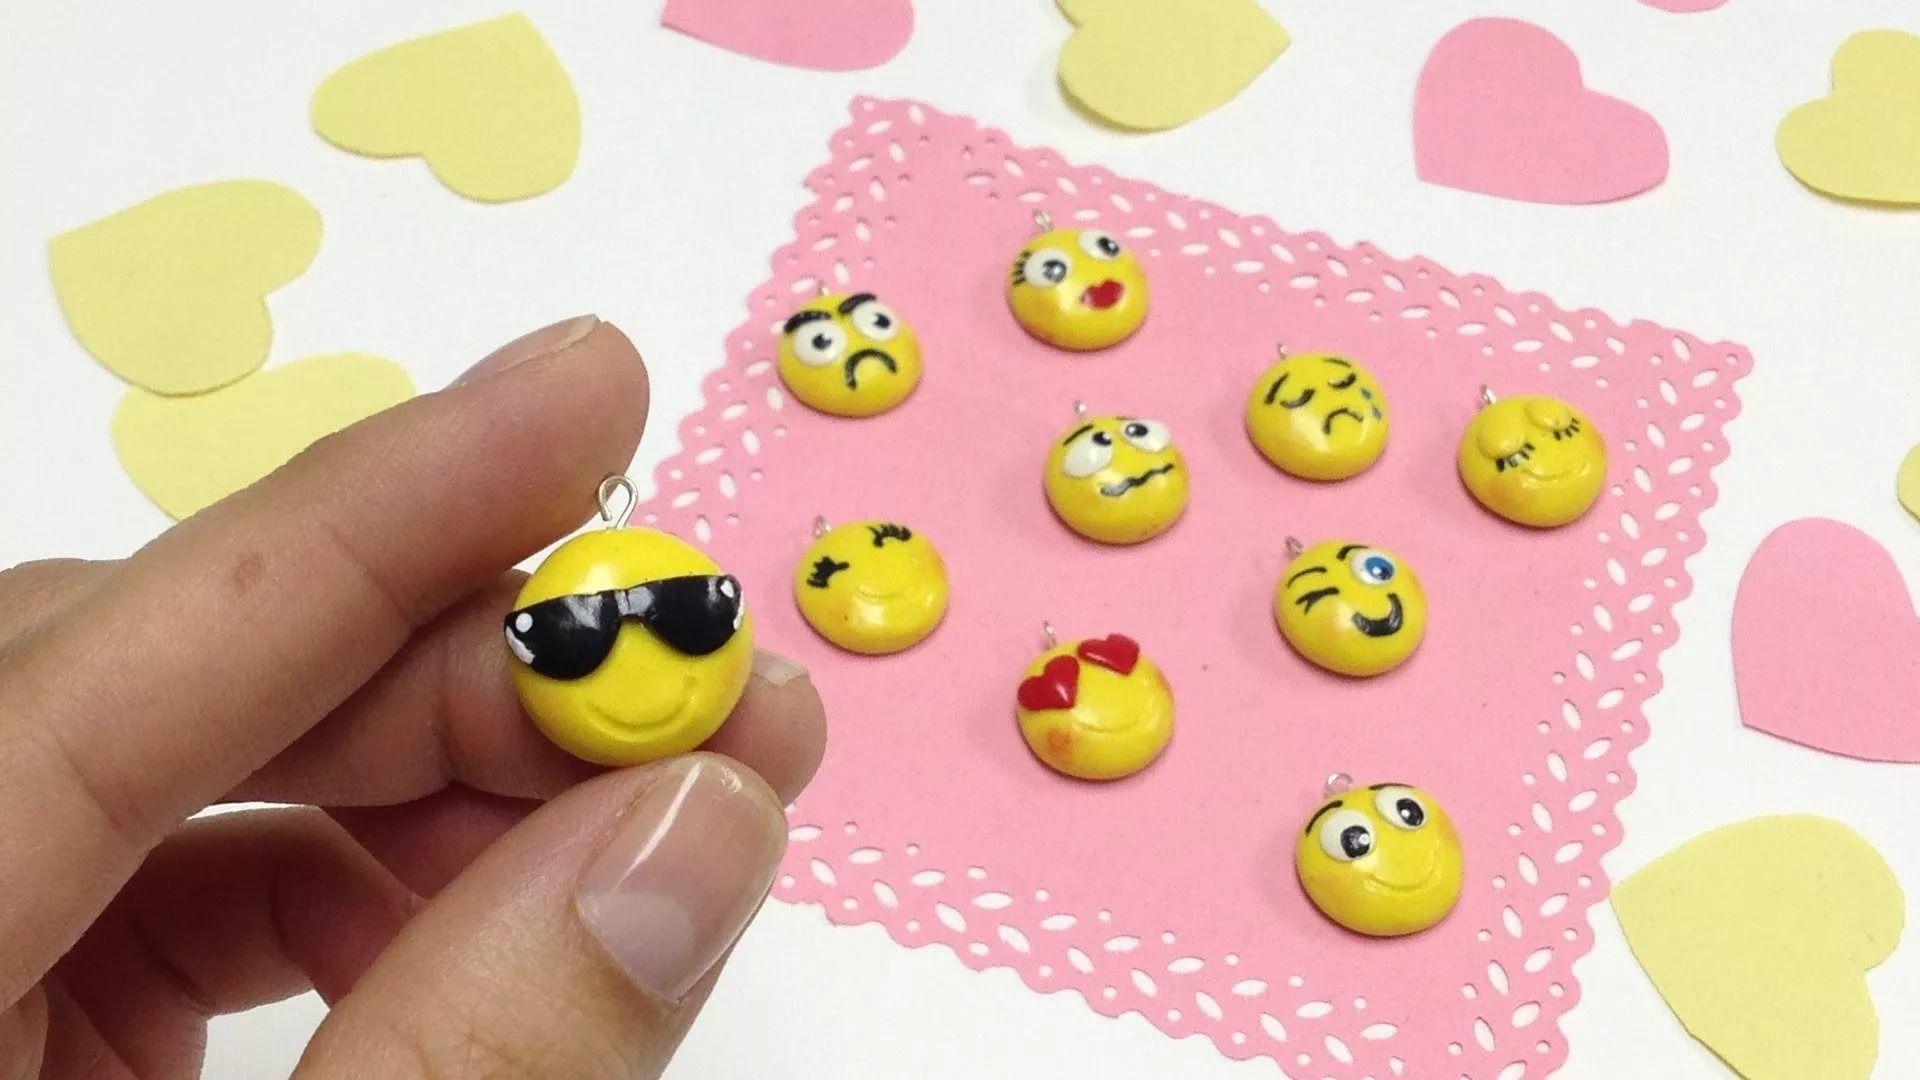 Cute Emoji Download Wallpaper